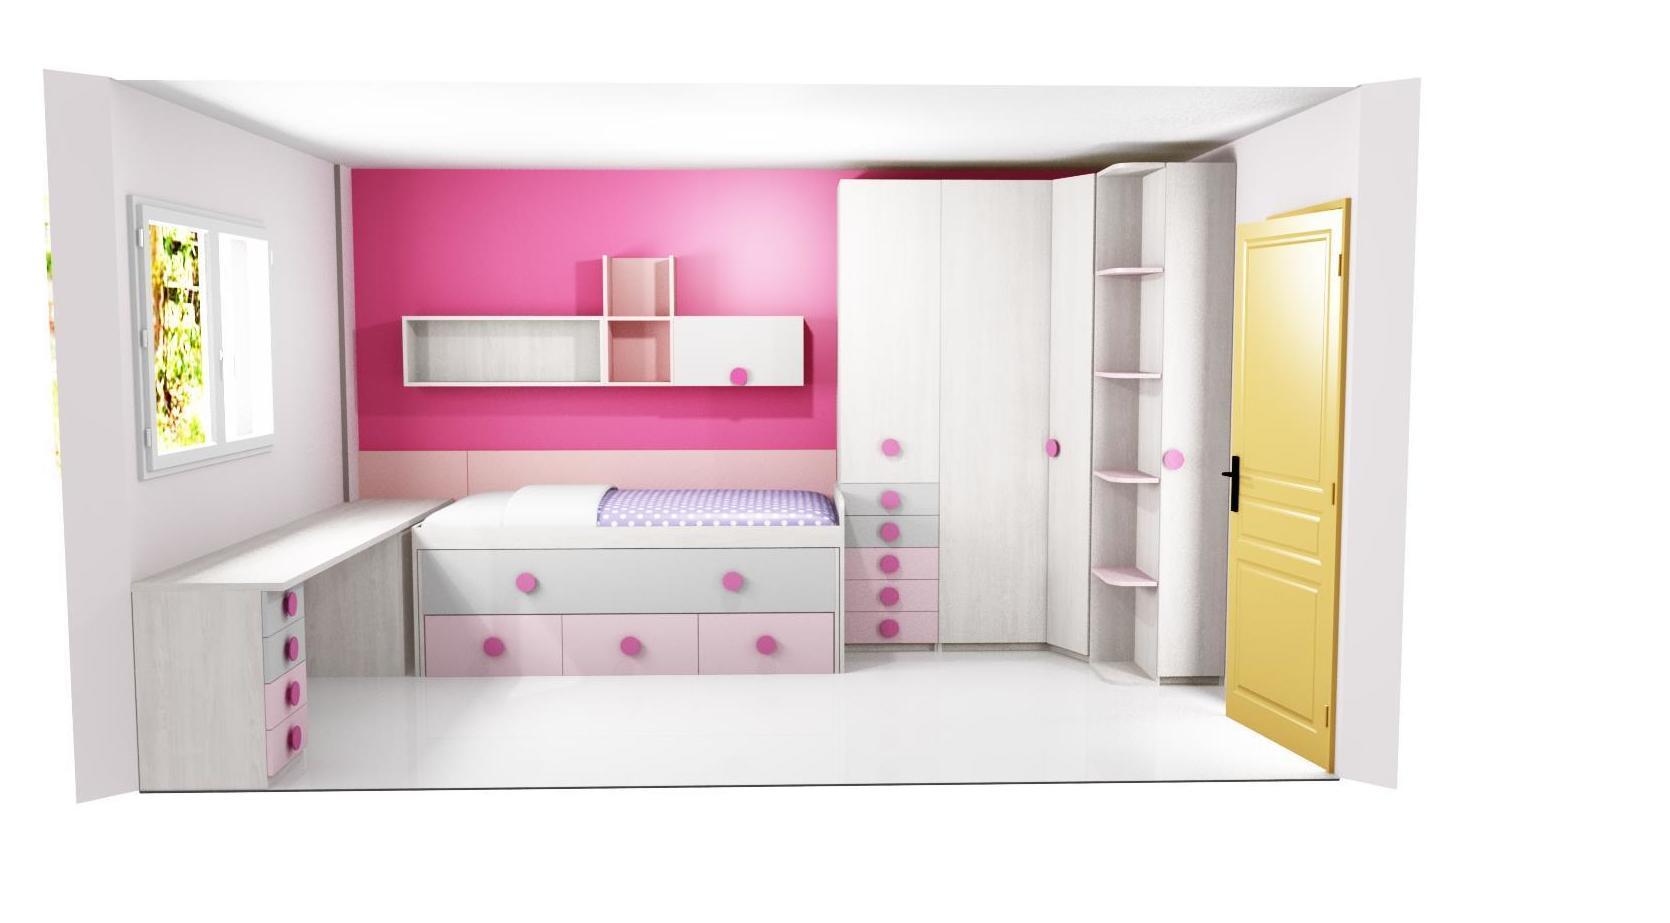 Foto 34 de tienda de muebles en lleida capiton mobles - Muebles en lleida ...